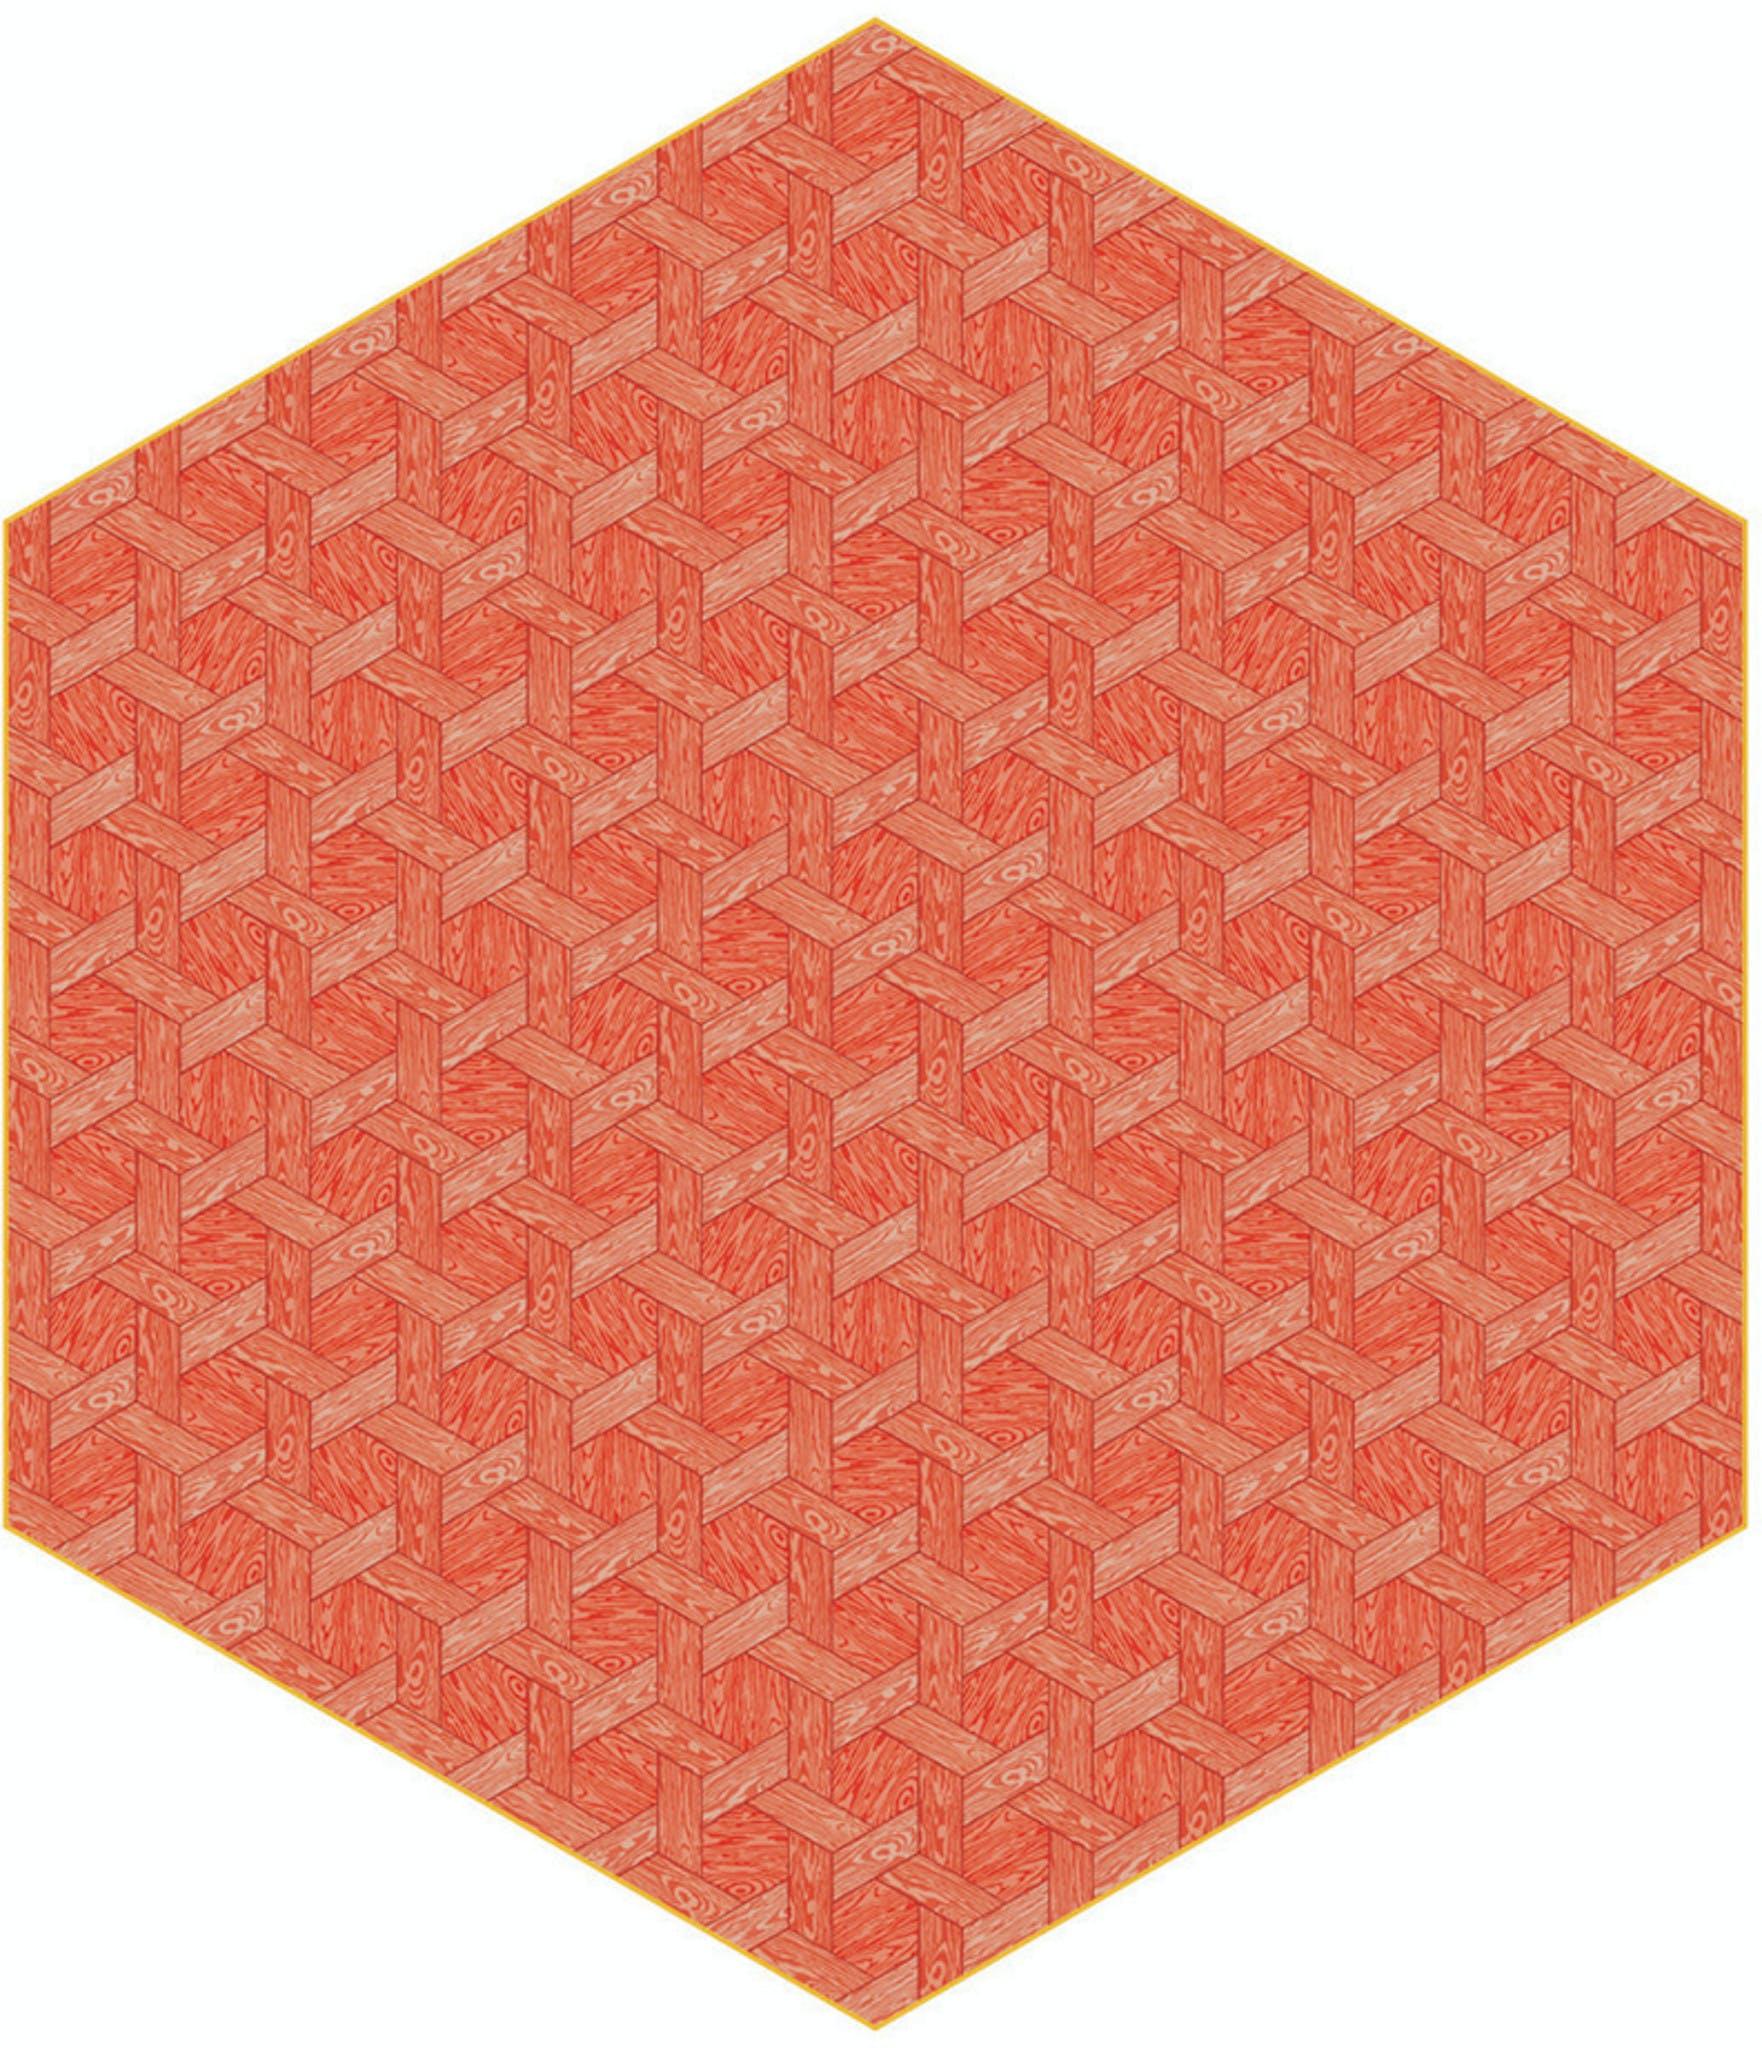 Moooi Carpets Hexagon Red Haute Living